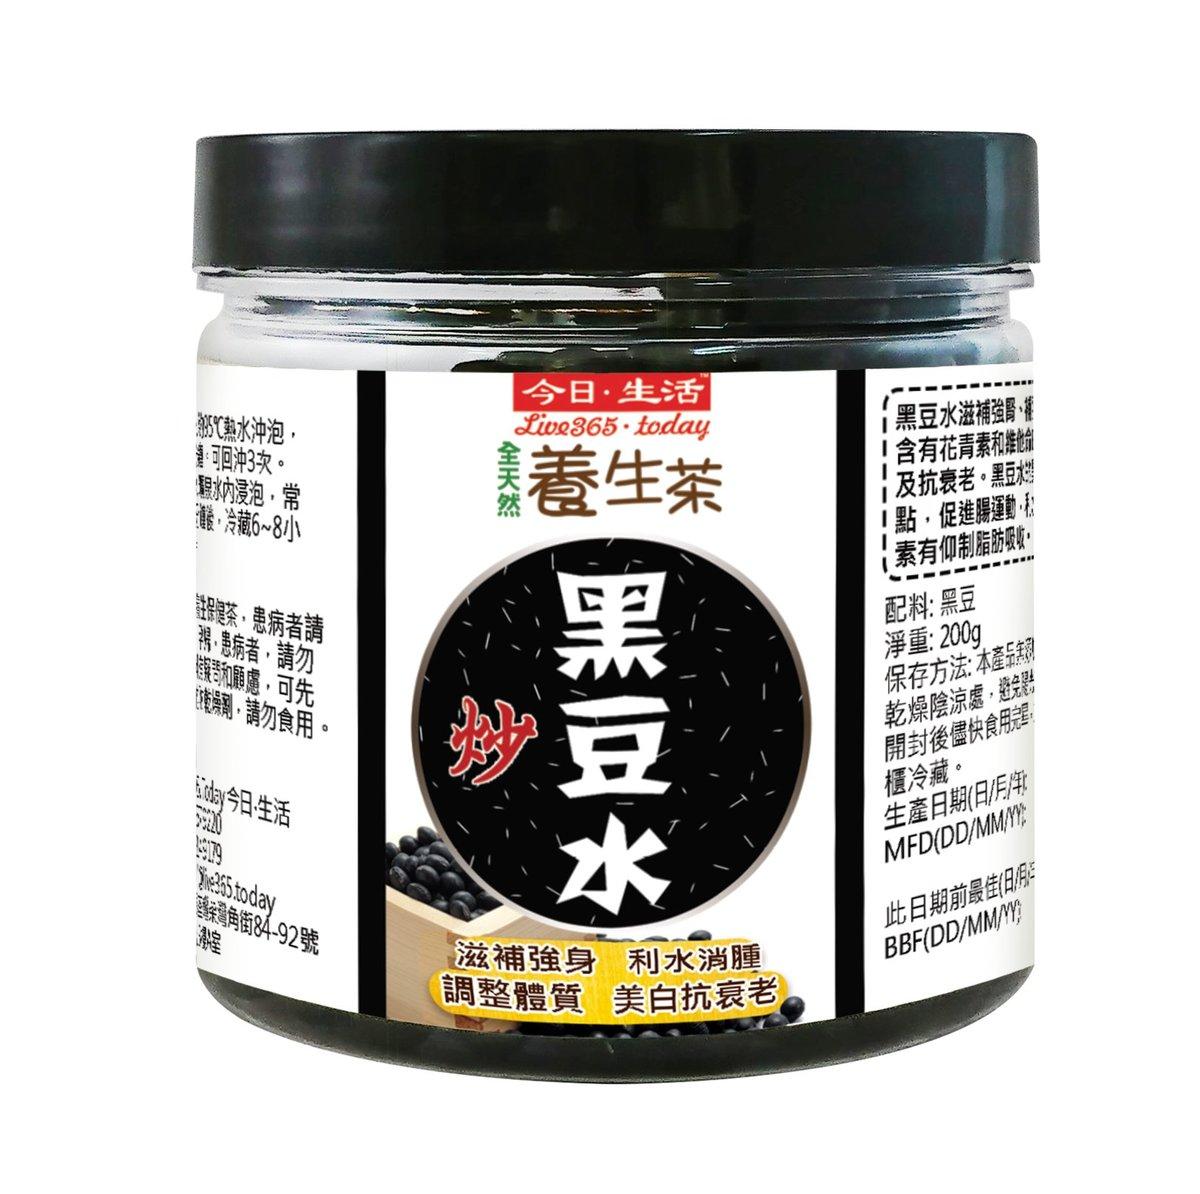 【瓶裝】炒黑豆水 200克 (清貨 Clearance item)